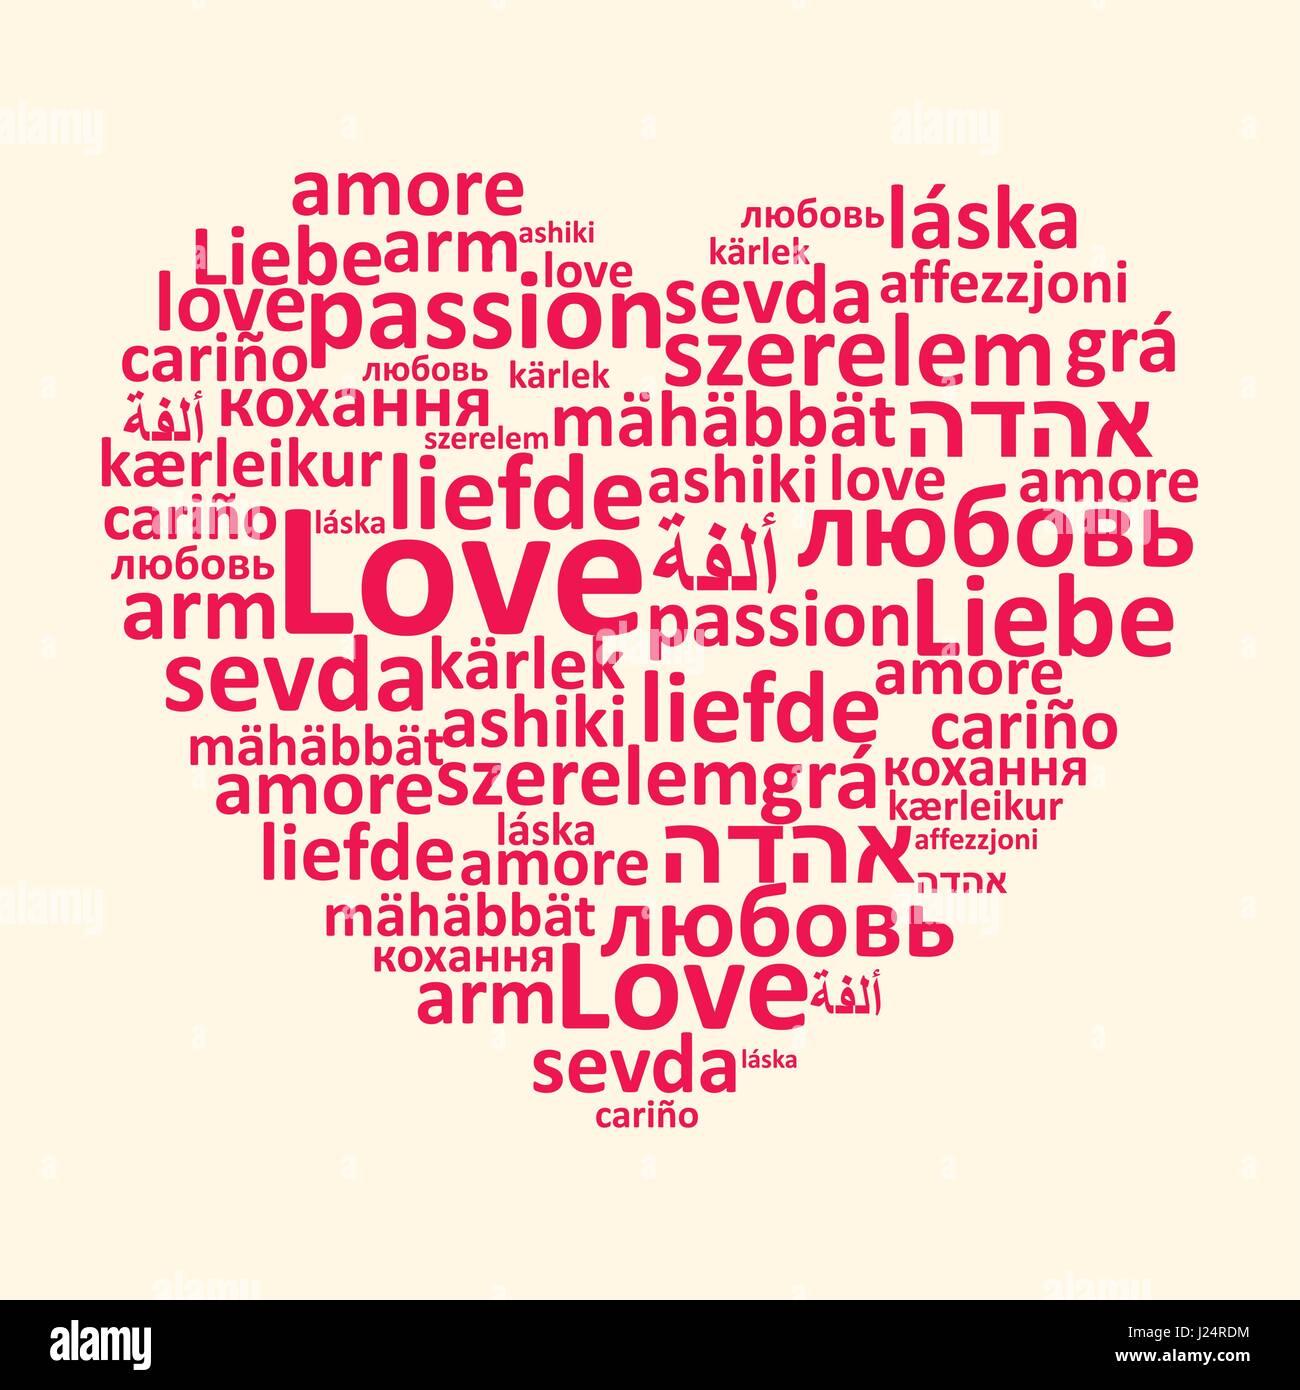 When Sprachen Verschiedenen Liebe In Bjorn Verbner